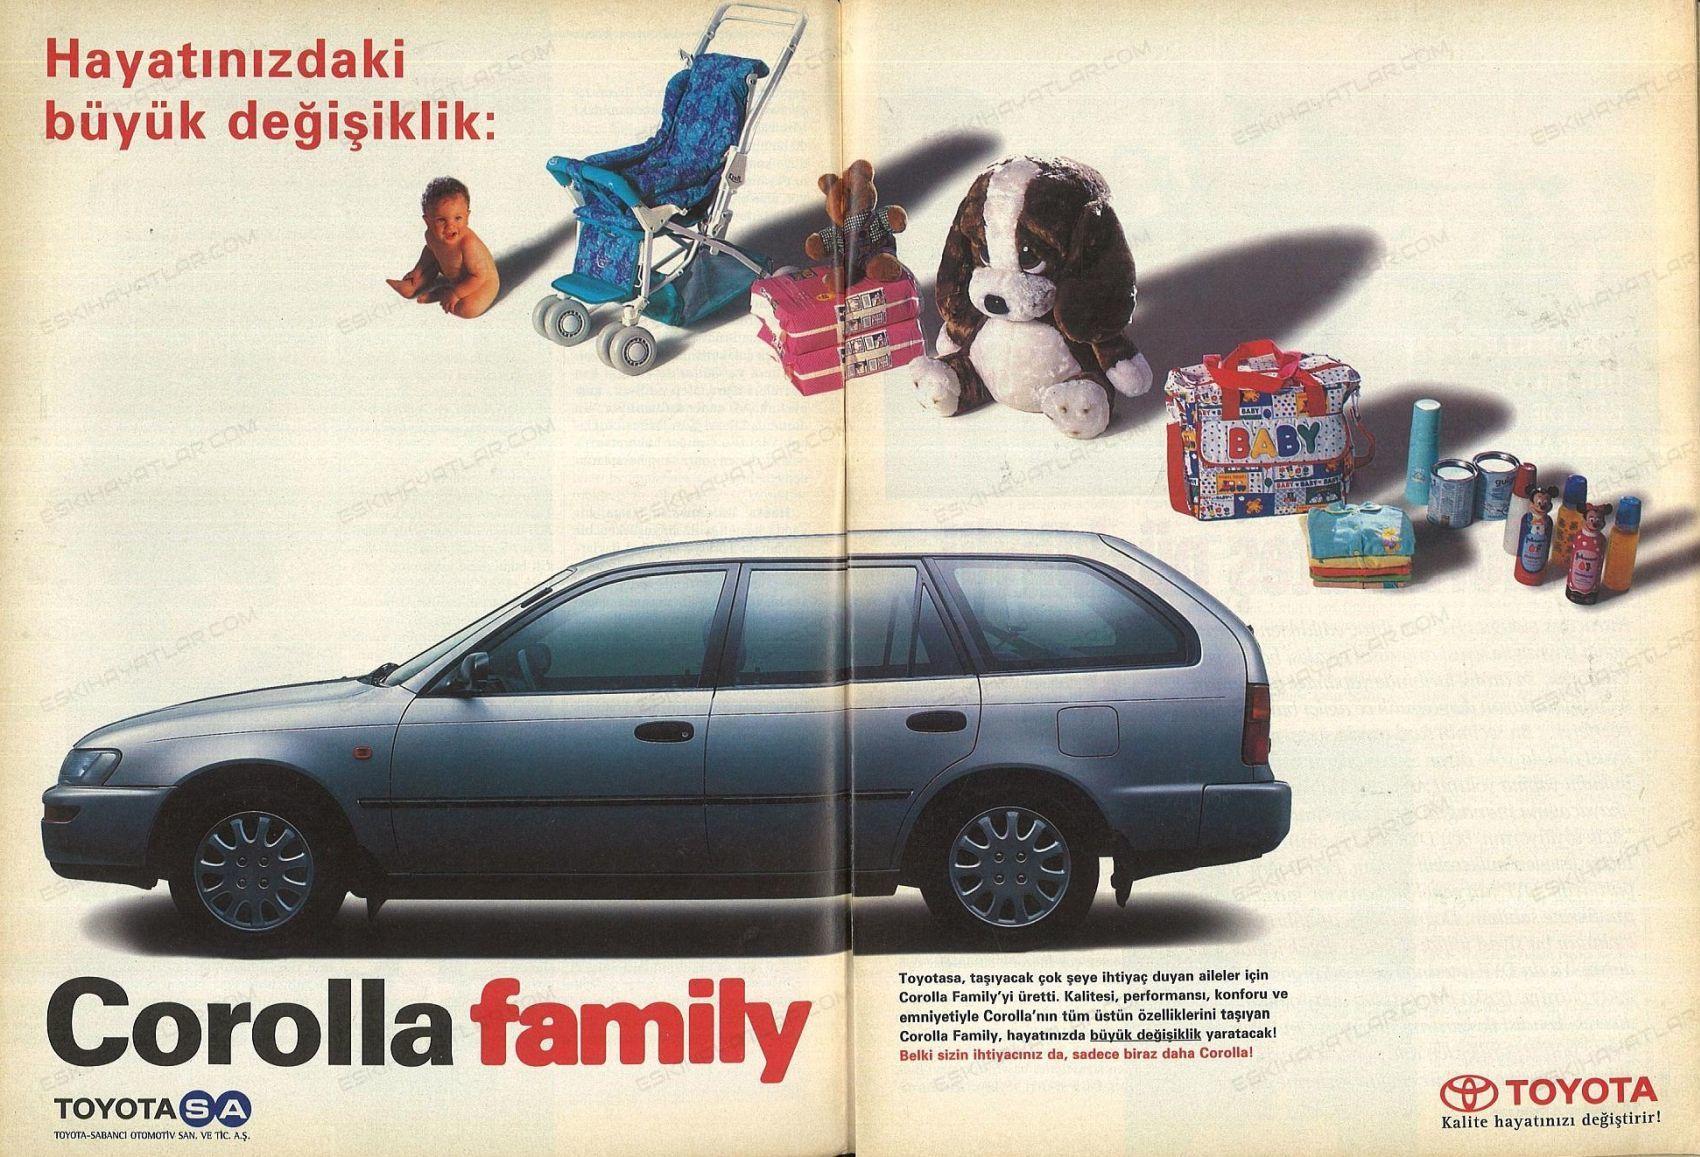 0235-toyota-corolla-1995-model-reklam-corolla-family-gorseli-hayatinizdaki-buyuk-degisiklik-doksanlarda-otomobil-reklamlari